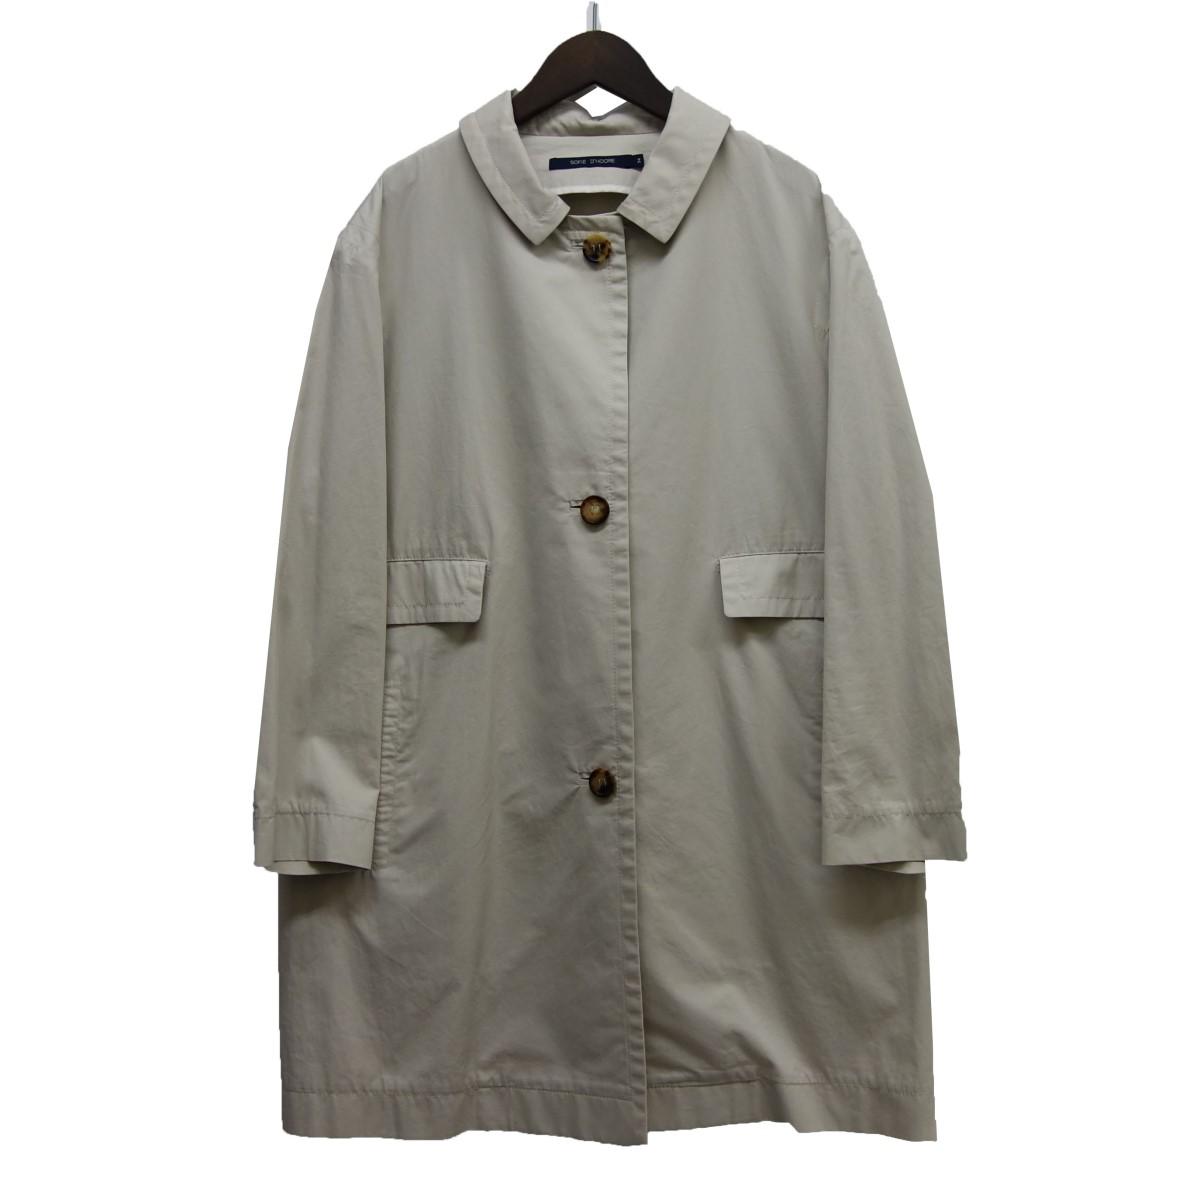 【中古】SOFIE DHOORE ステンカラーコート アイボリー サイズ:36 【060520】(ソフィードール)